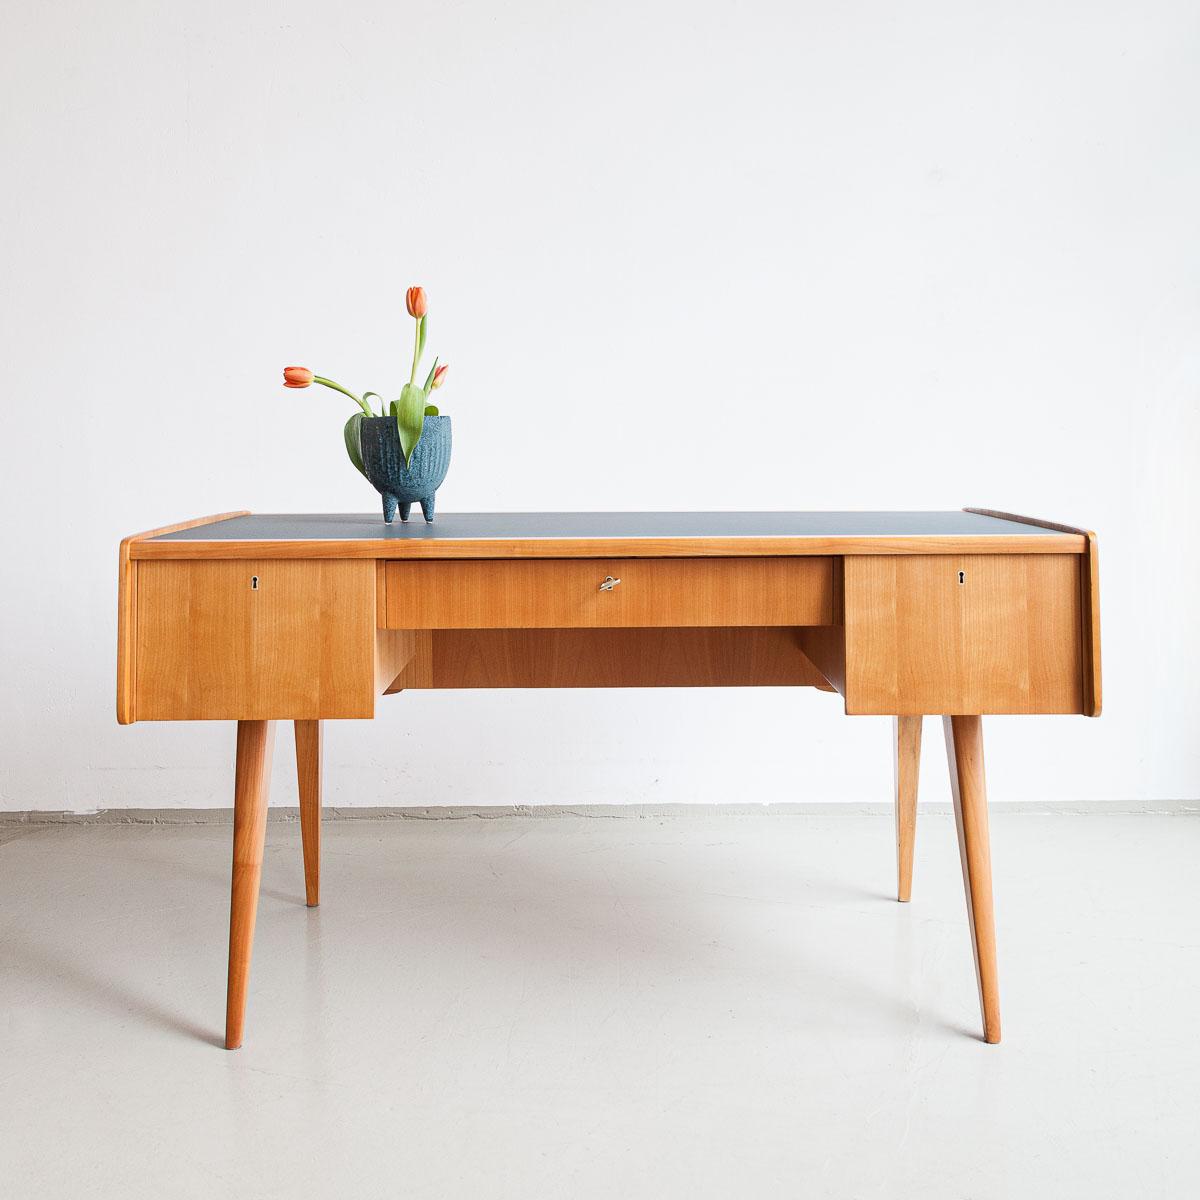 Schreibtisch, Hans Hartel, Linoleum, Hellerau